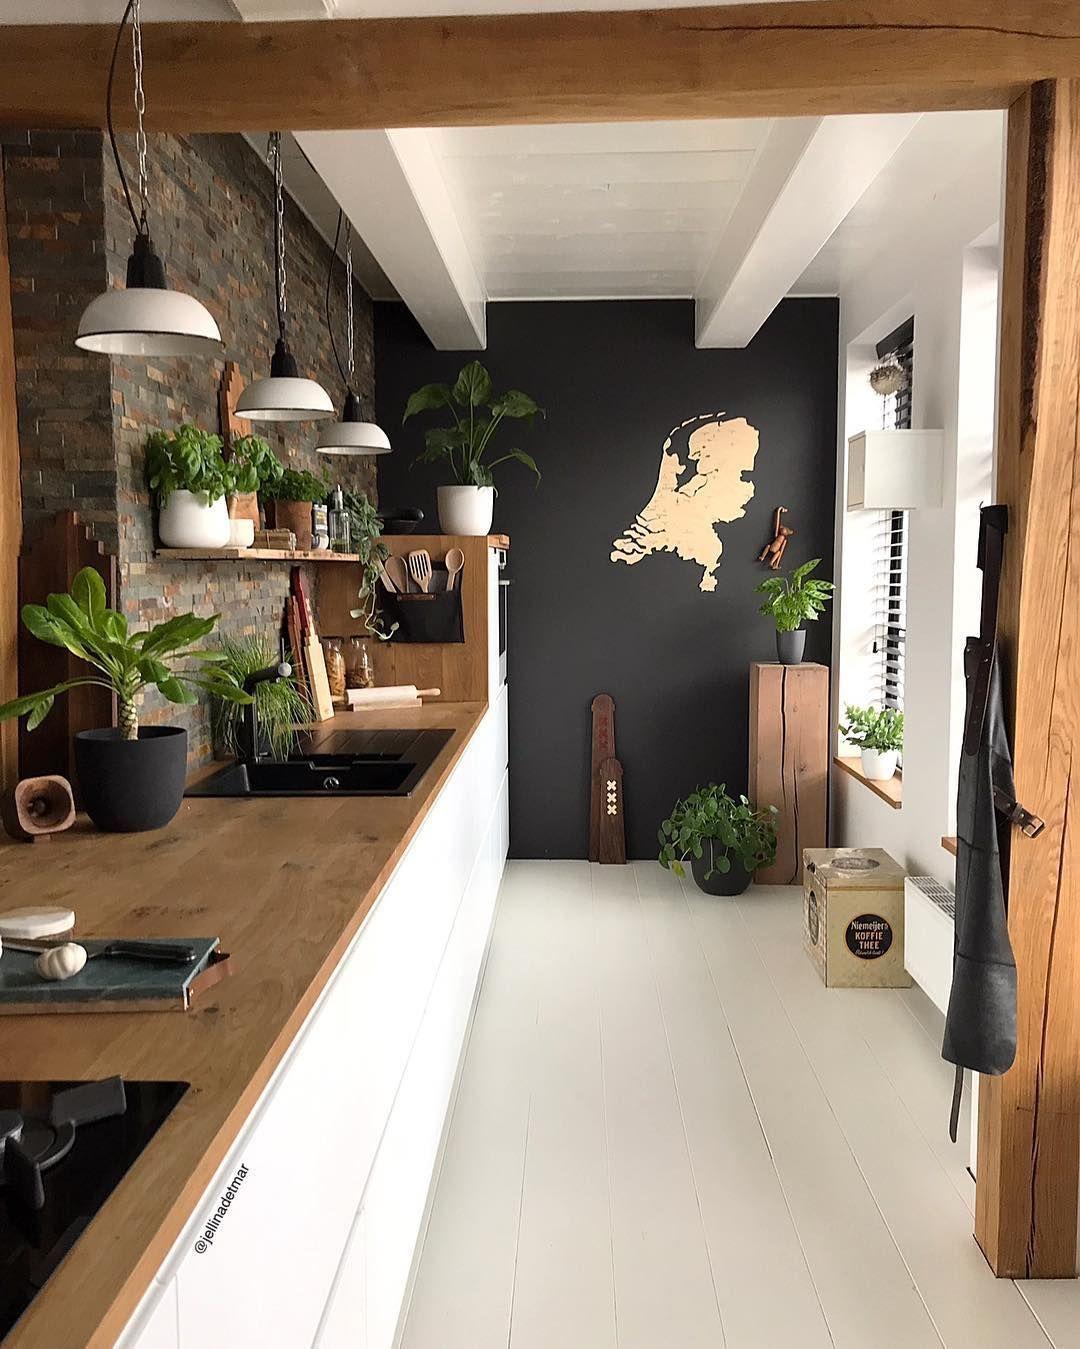 9 The Best Interior Design of a Wooden Kitchen   Kitchen design ...